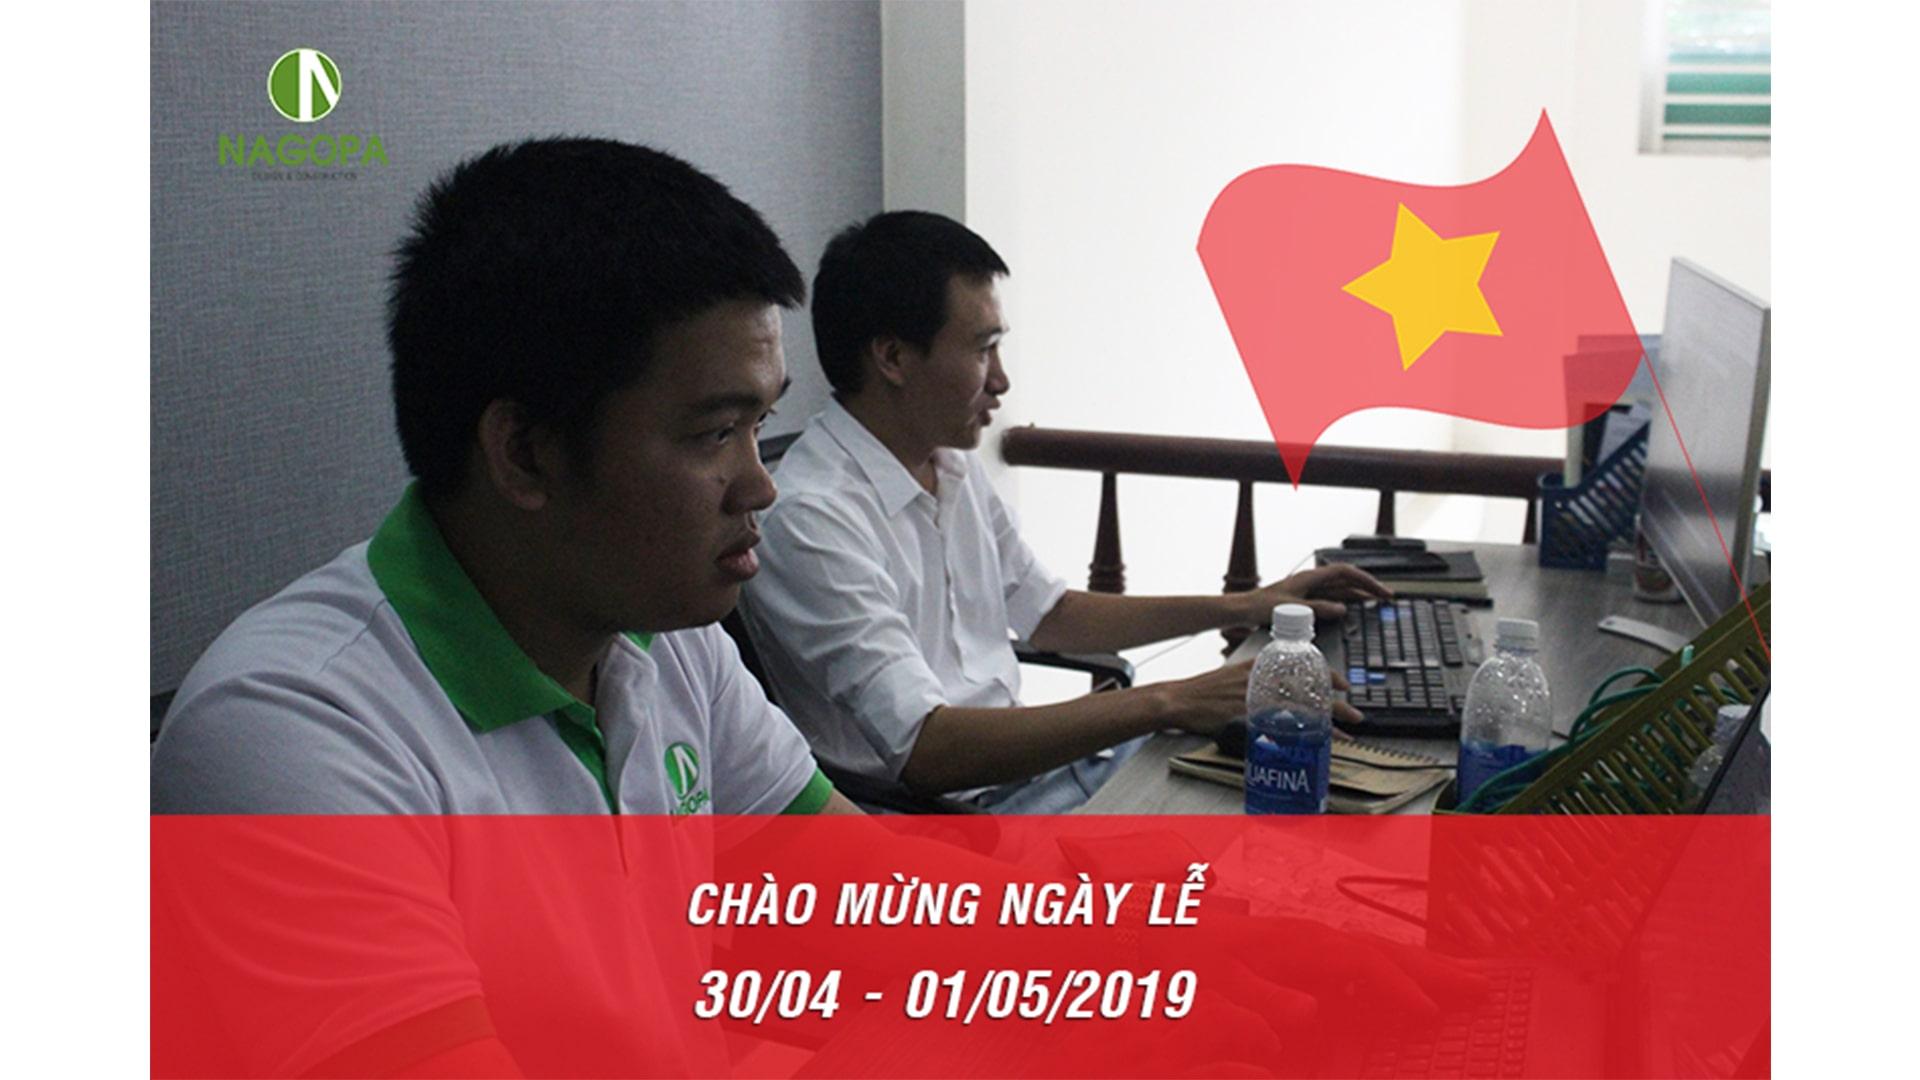 kien-truc-xay-dung-nagopa-thong-bao-lich-nghi-le-30-4-va-01-05